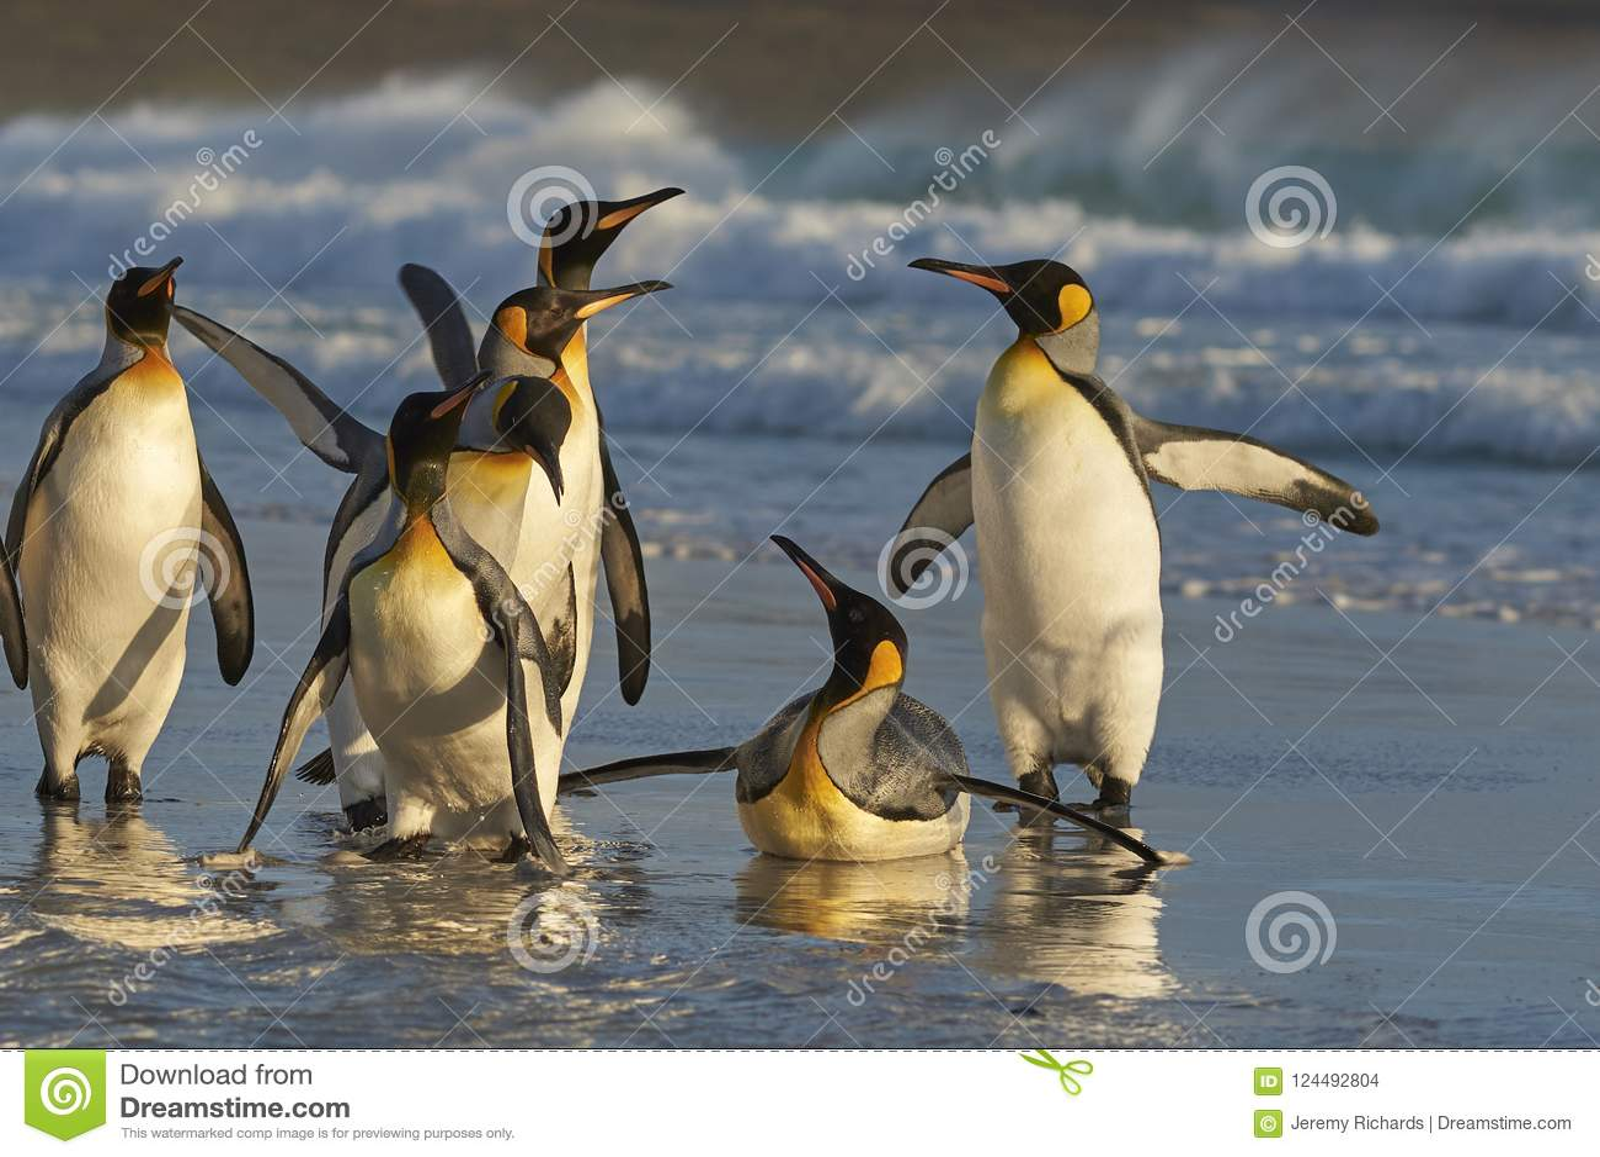 King Penguins at Dawn 82